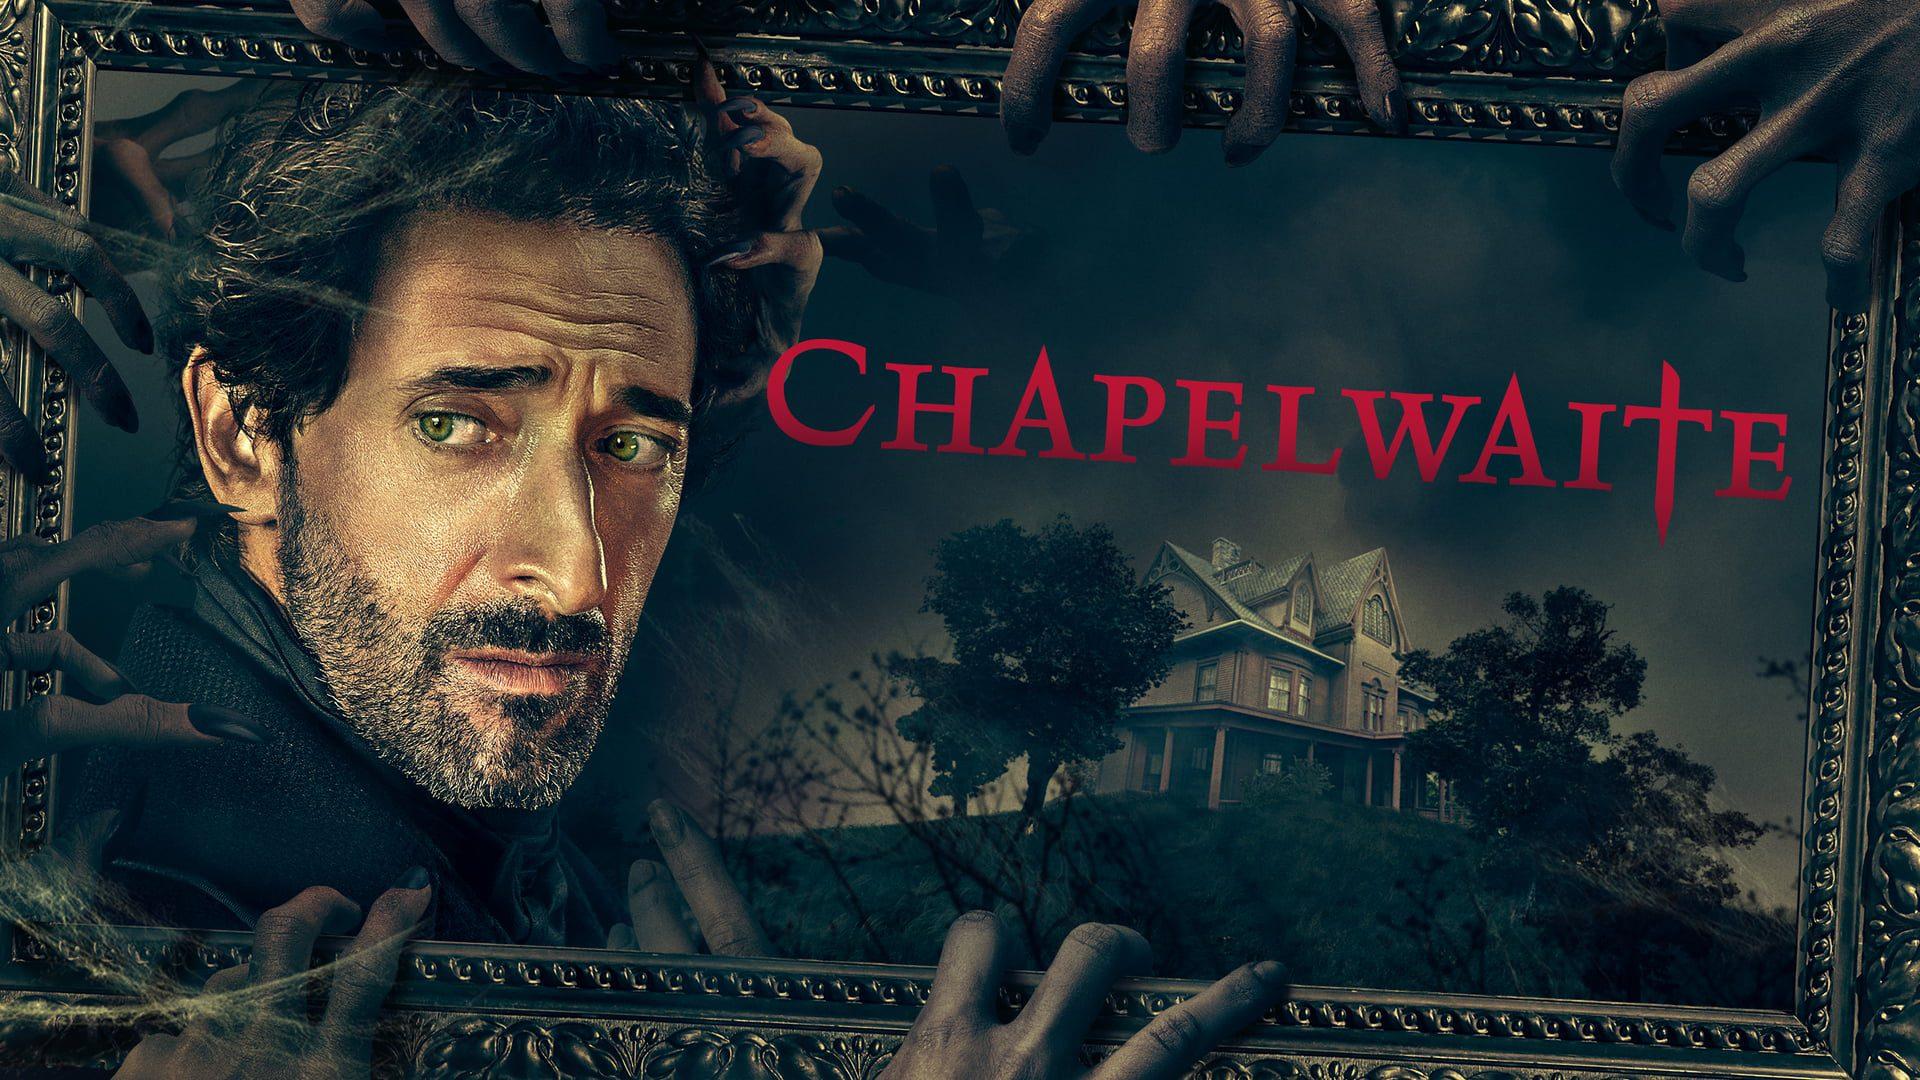 How To Watch Chapelwaite & Episode Schedule